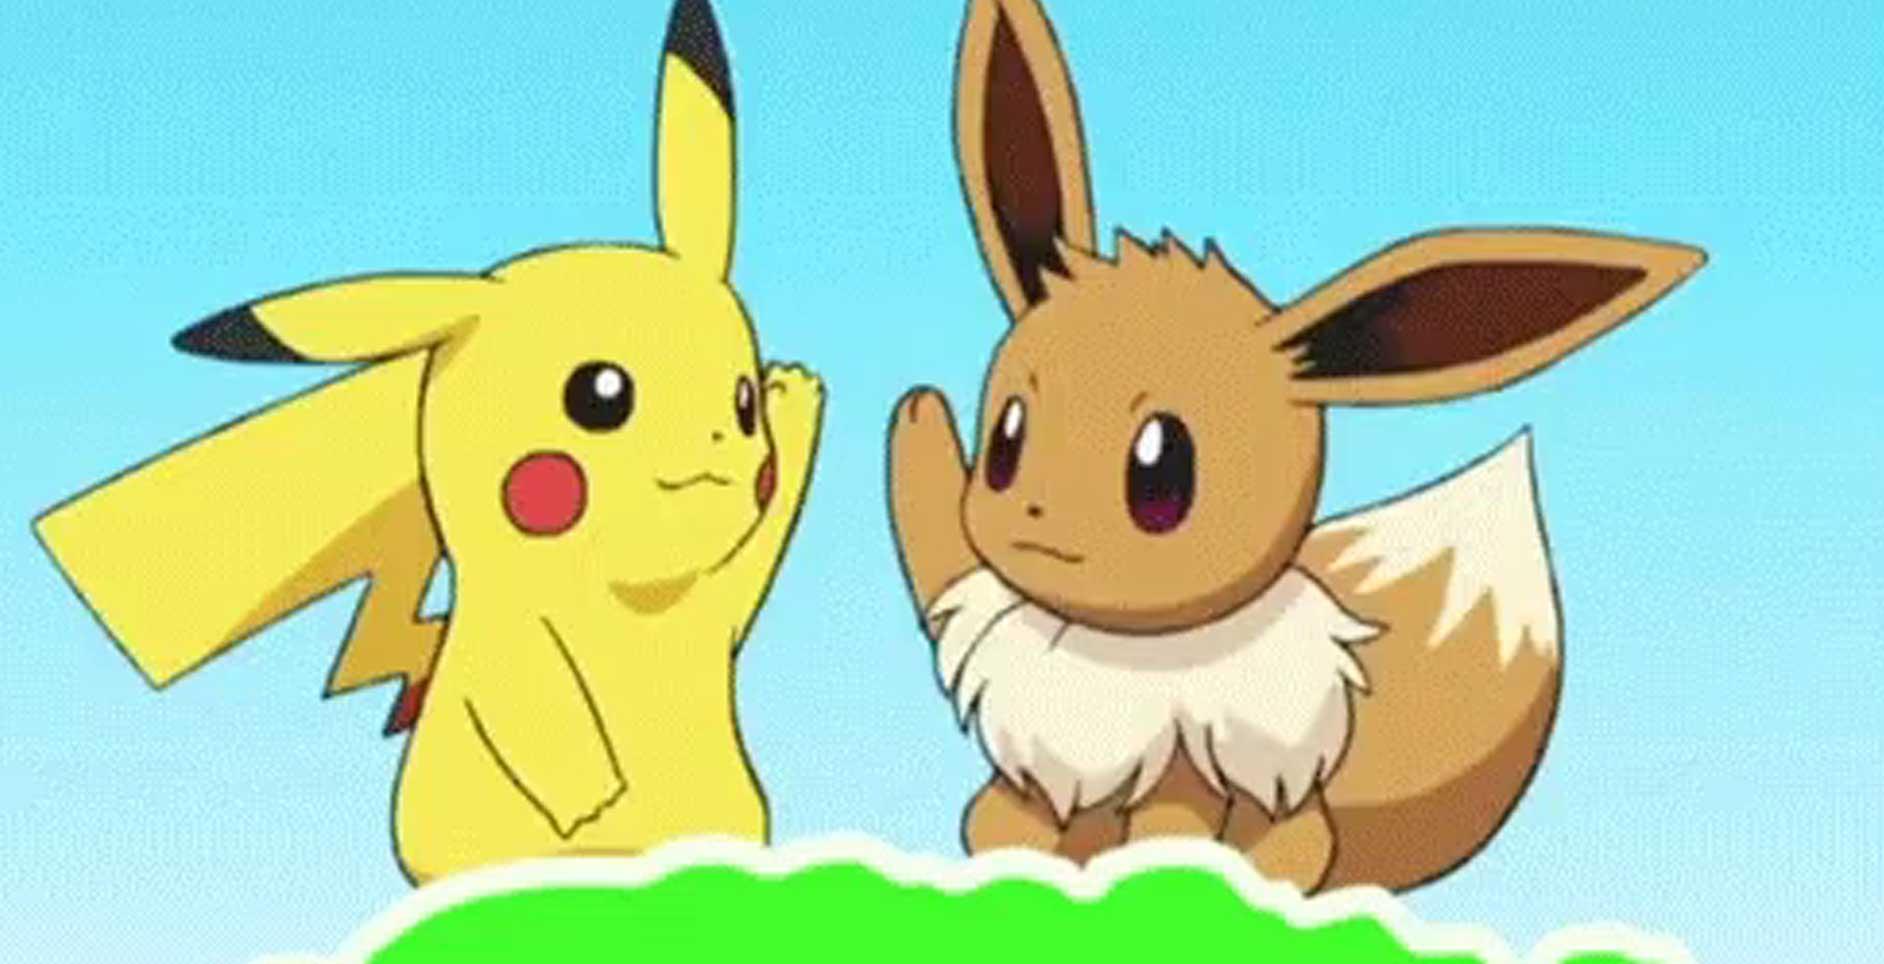 Mnoštvo glasina oko Pokémon igre za Switch